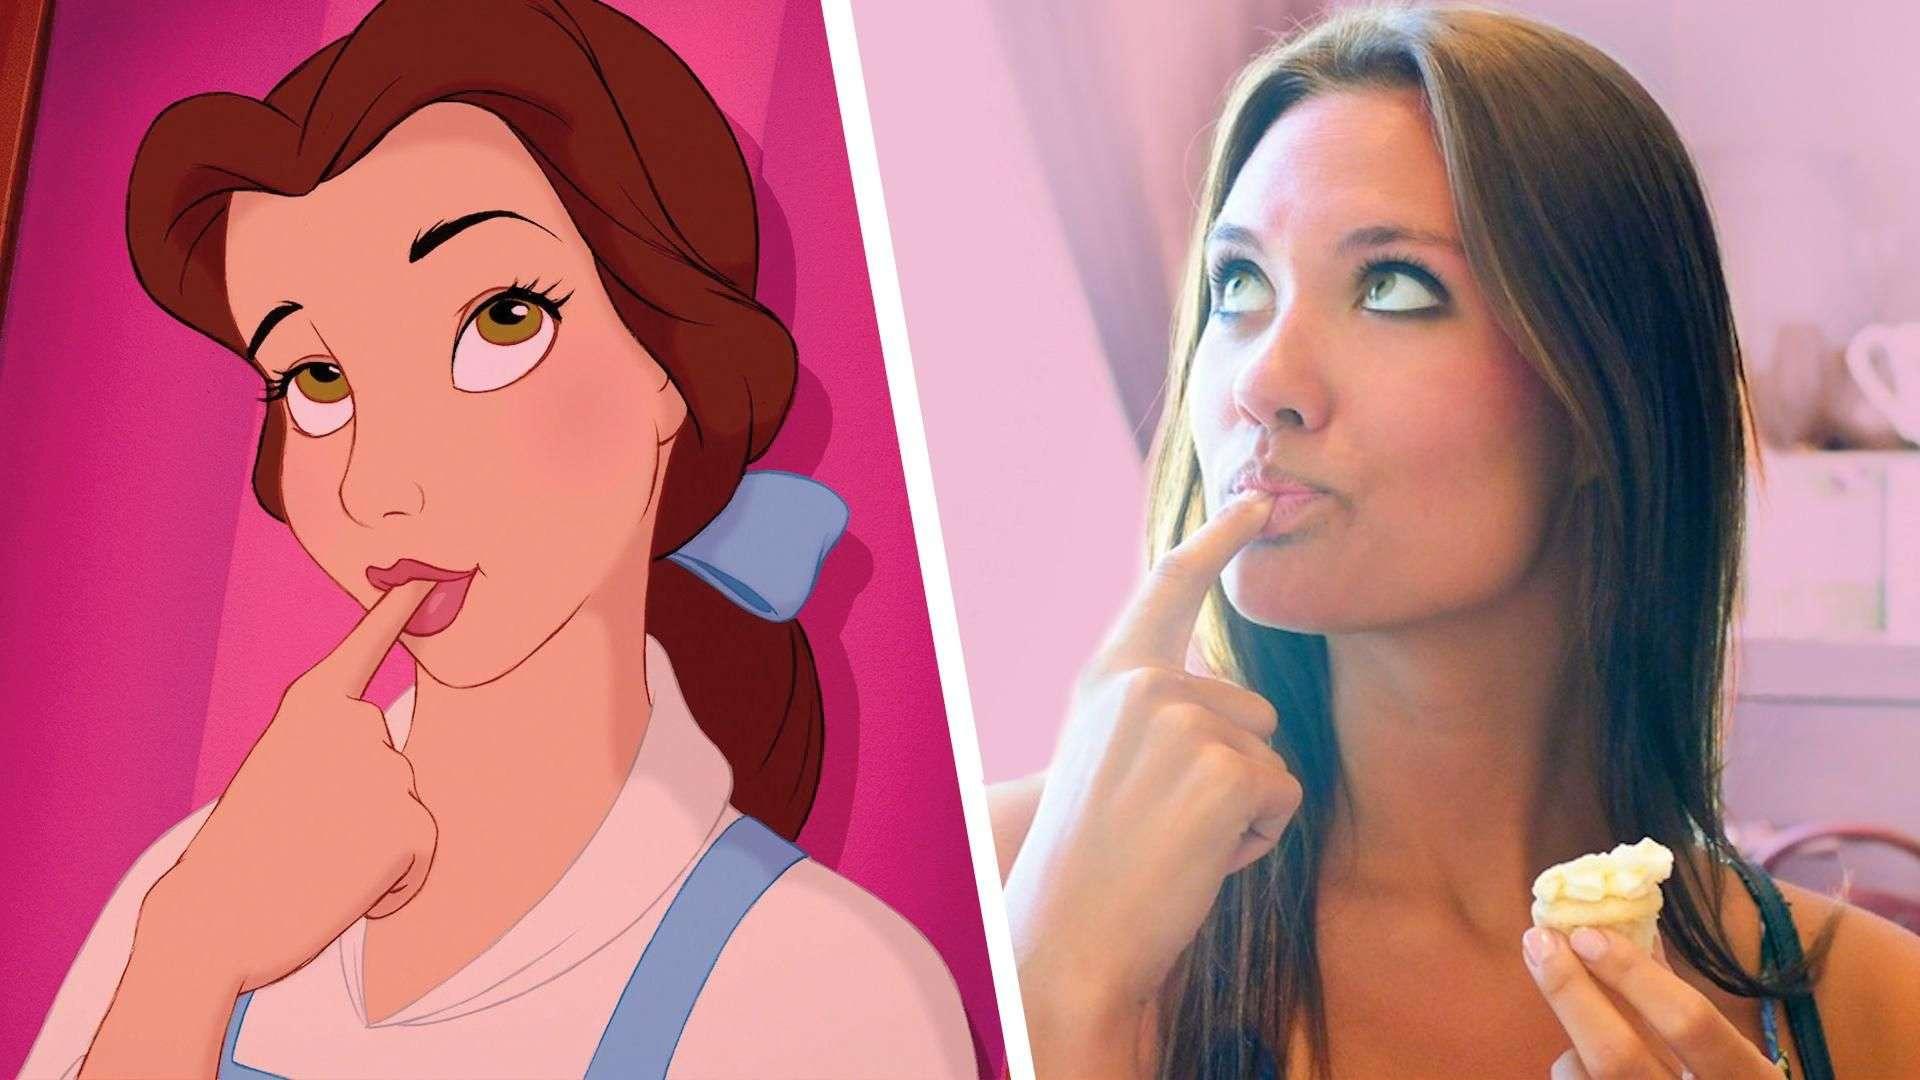 Si las princesas de Disney fueran reales